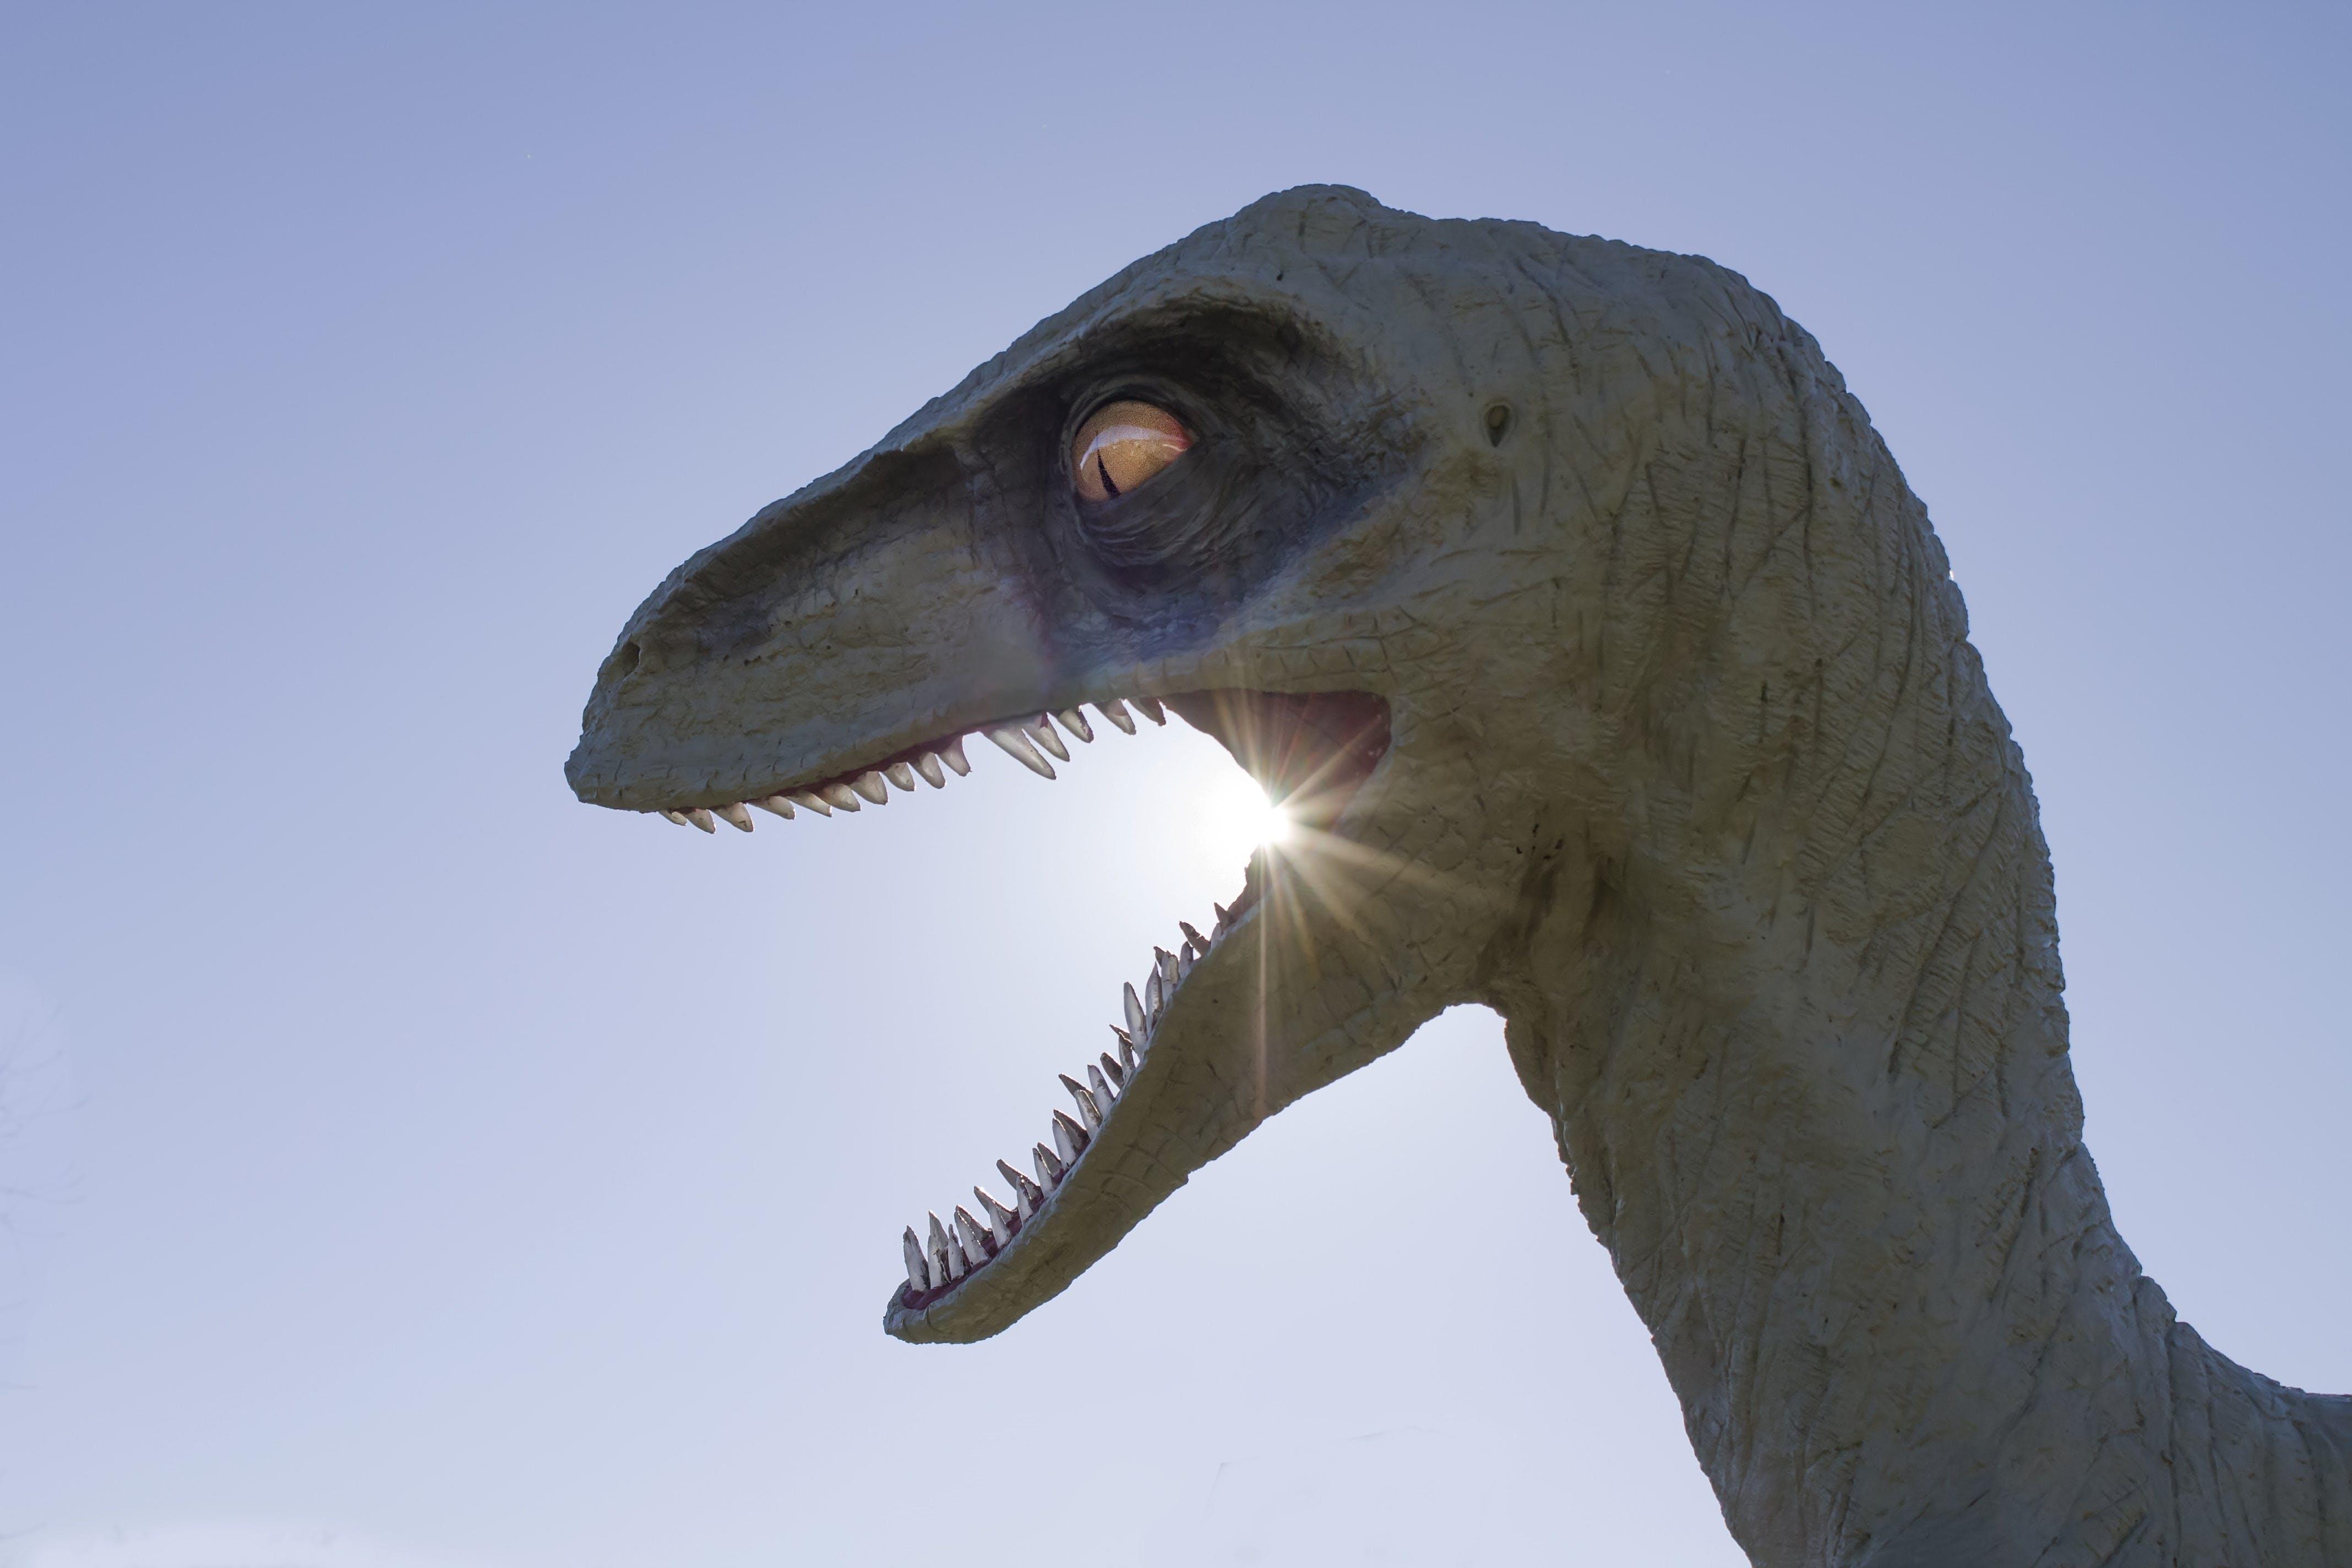 Gratis arkivbilde med dinosaur, sol, statue